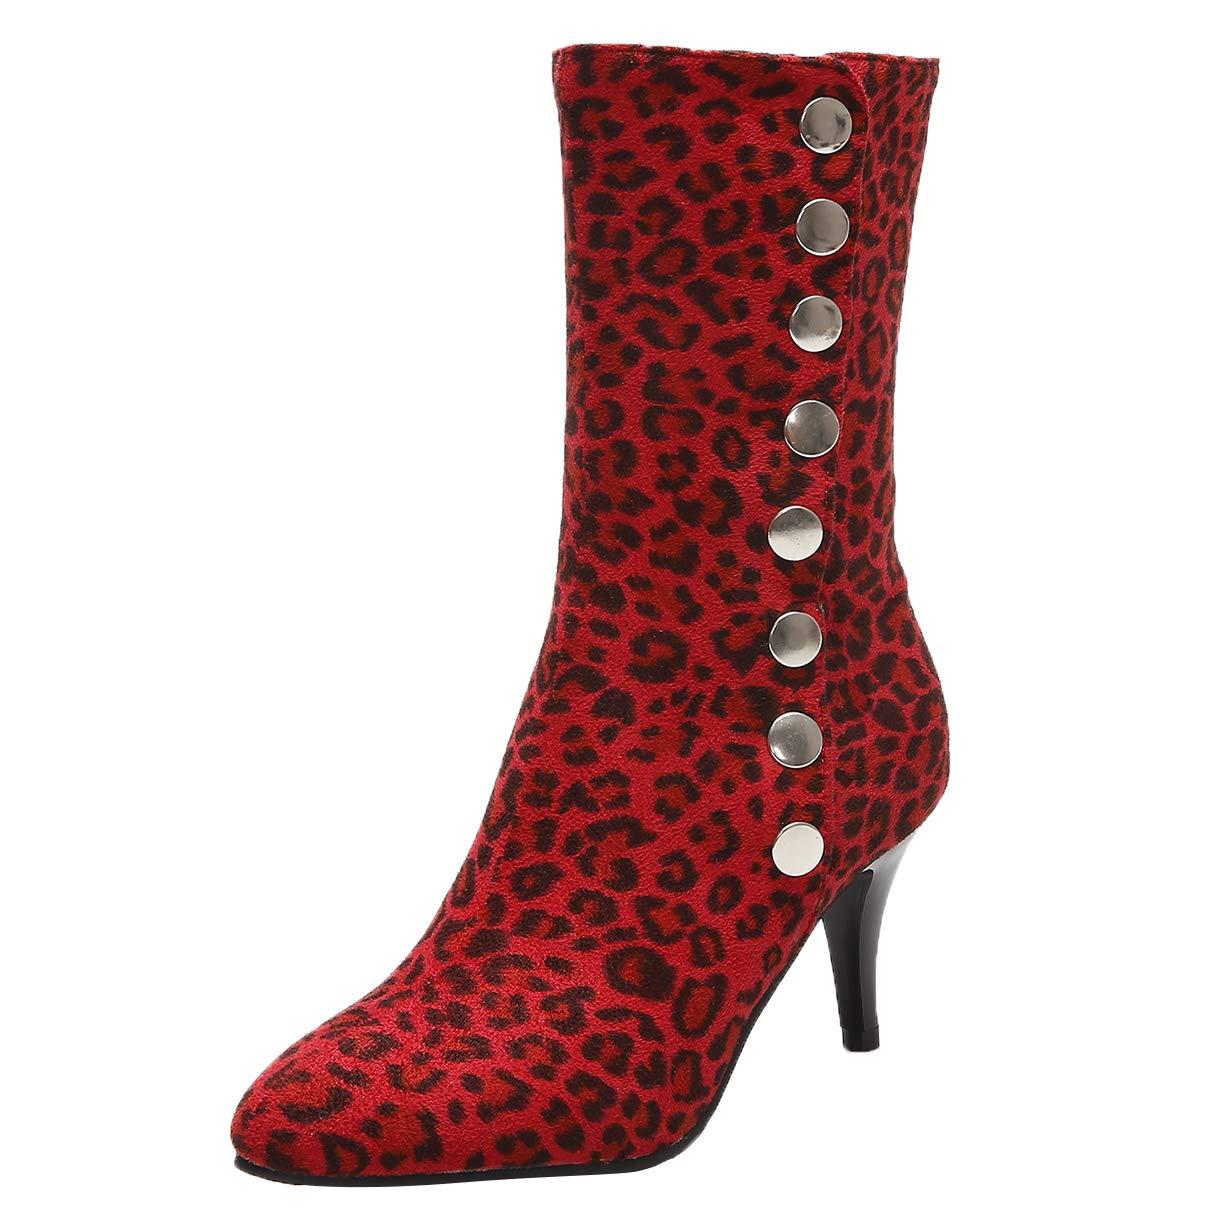 JYshoes , 19020 Bottes Classiques Femme Femme , Rouge 45d4baa - robotanarchy.space